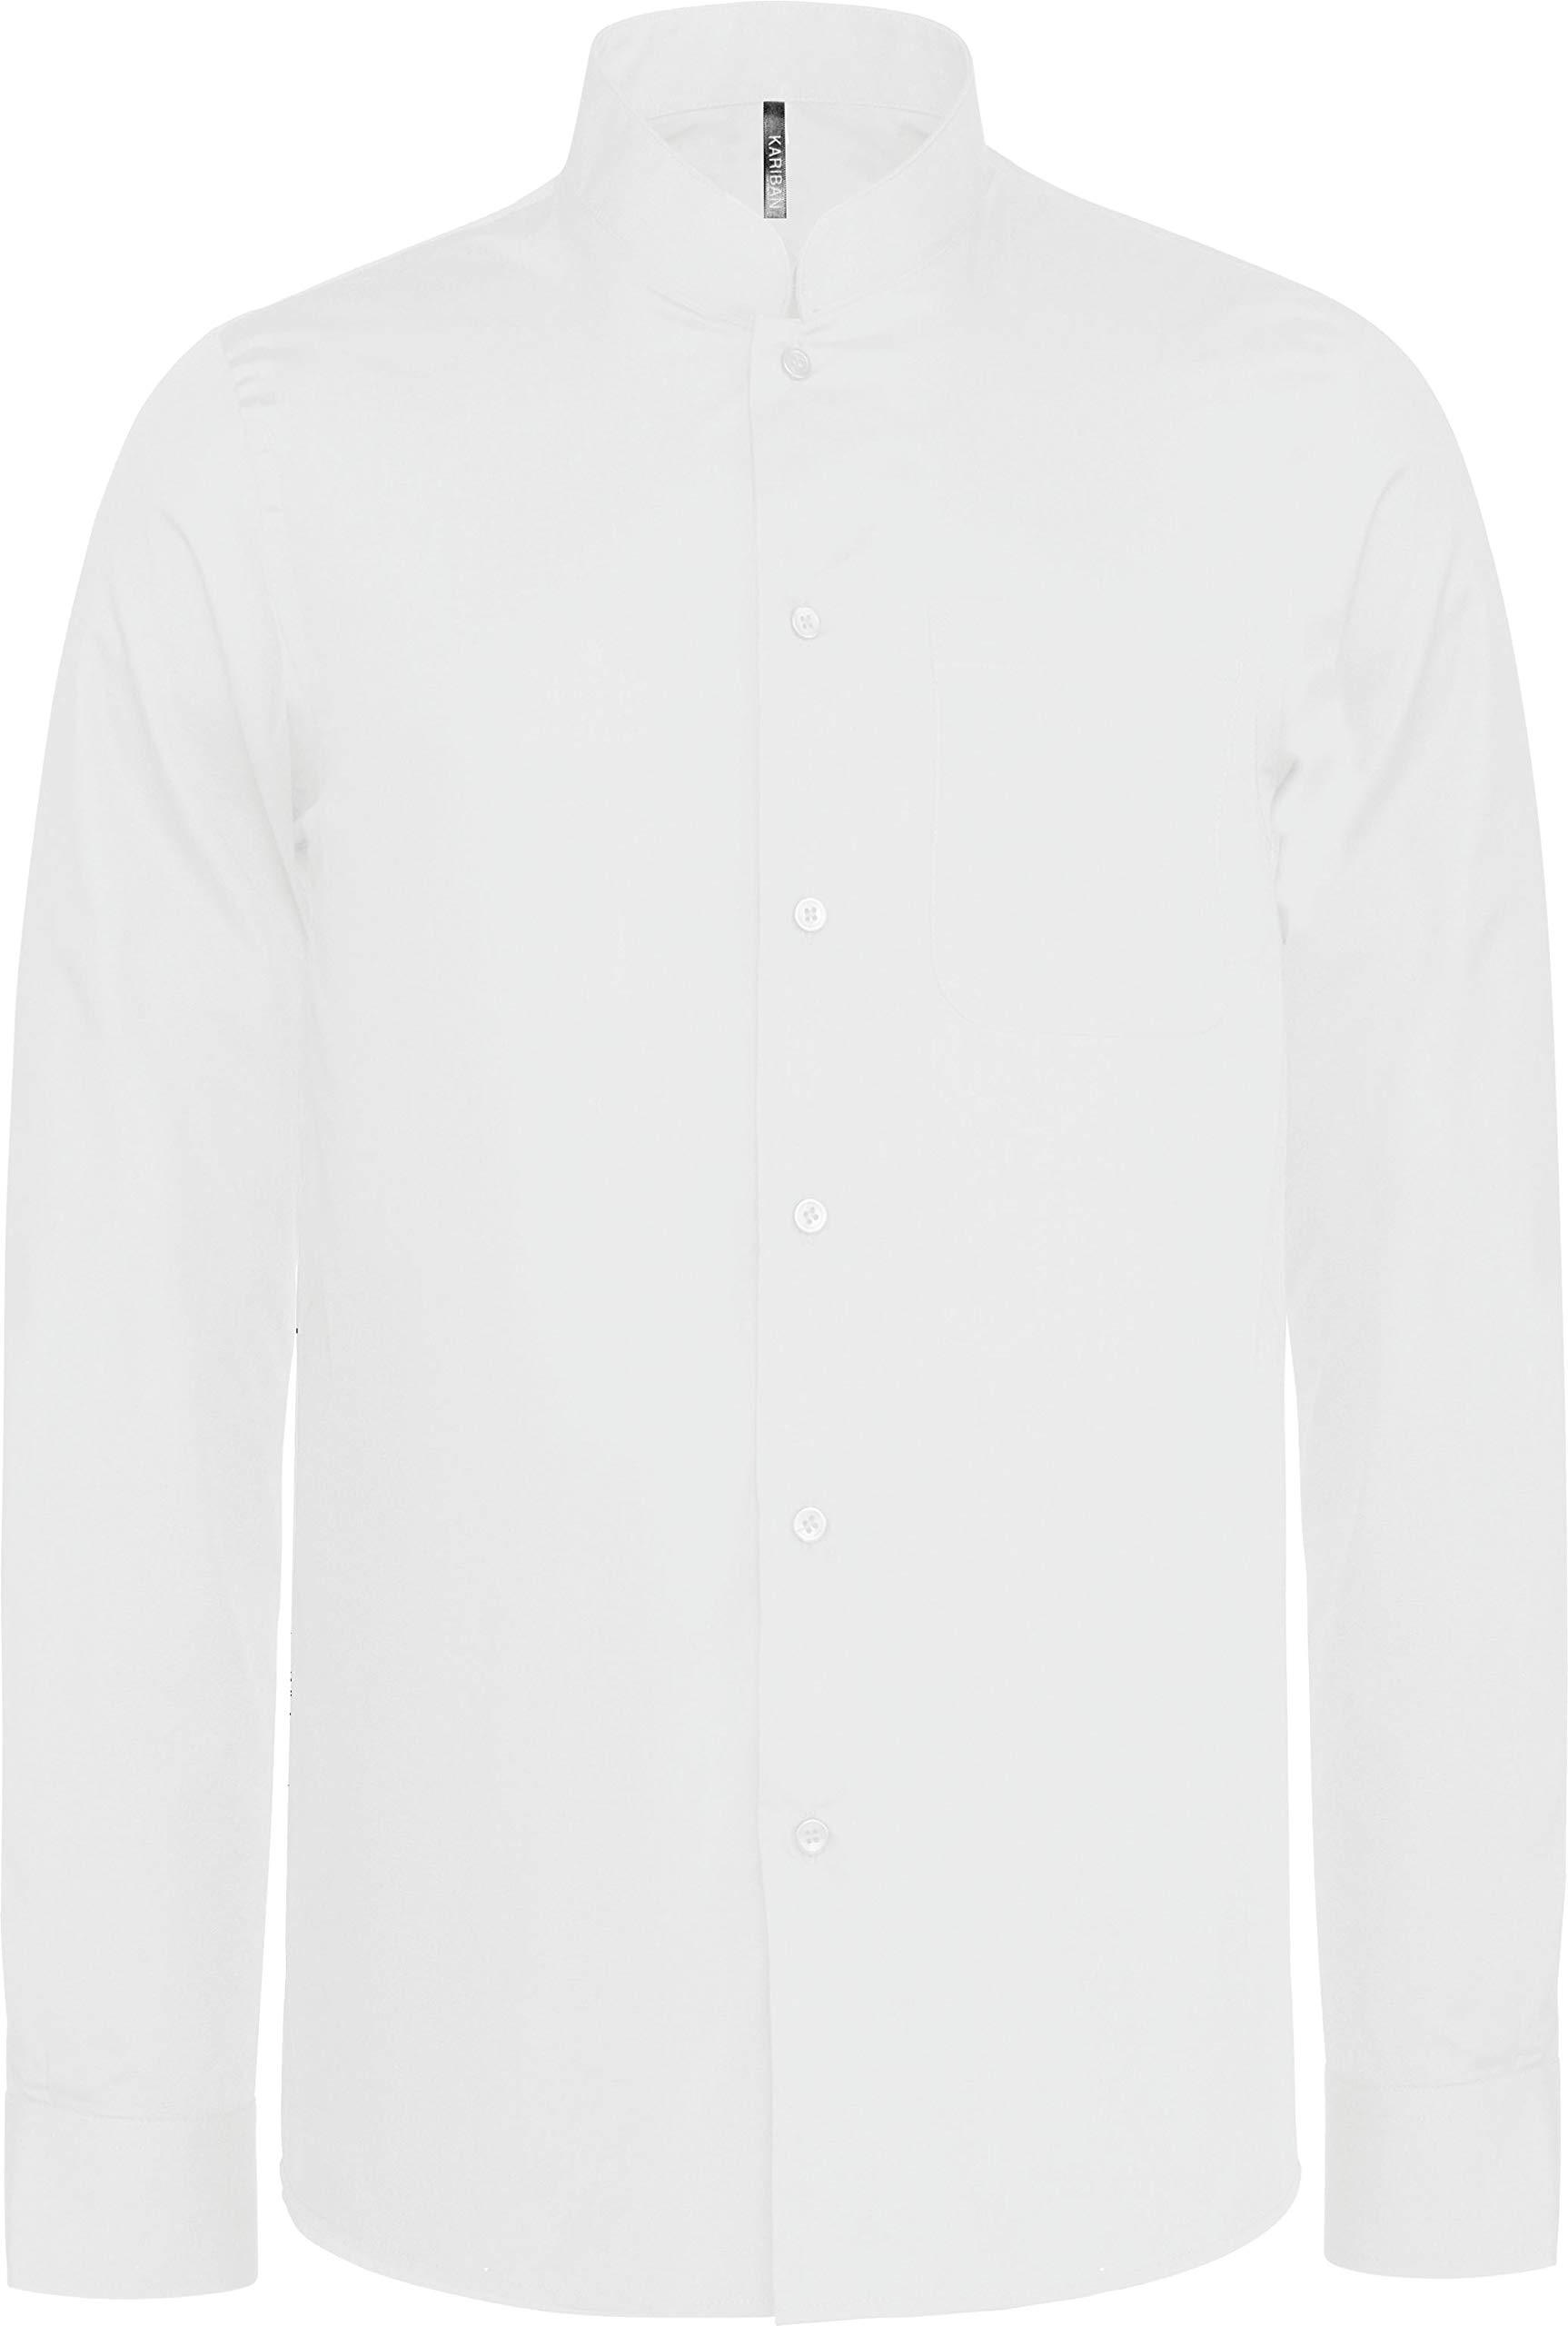 Camisa Cuello Mao Manga Larga Hombre - White, M, Hombre: Amazon.es: Deportes y aire libre